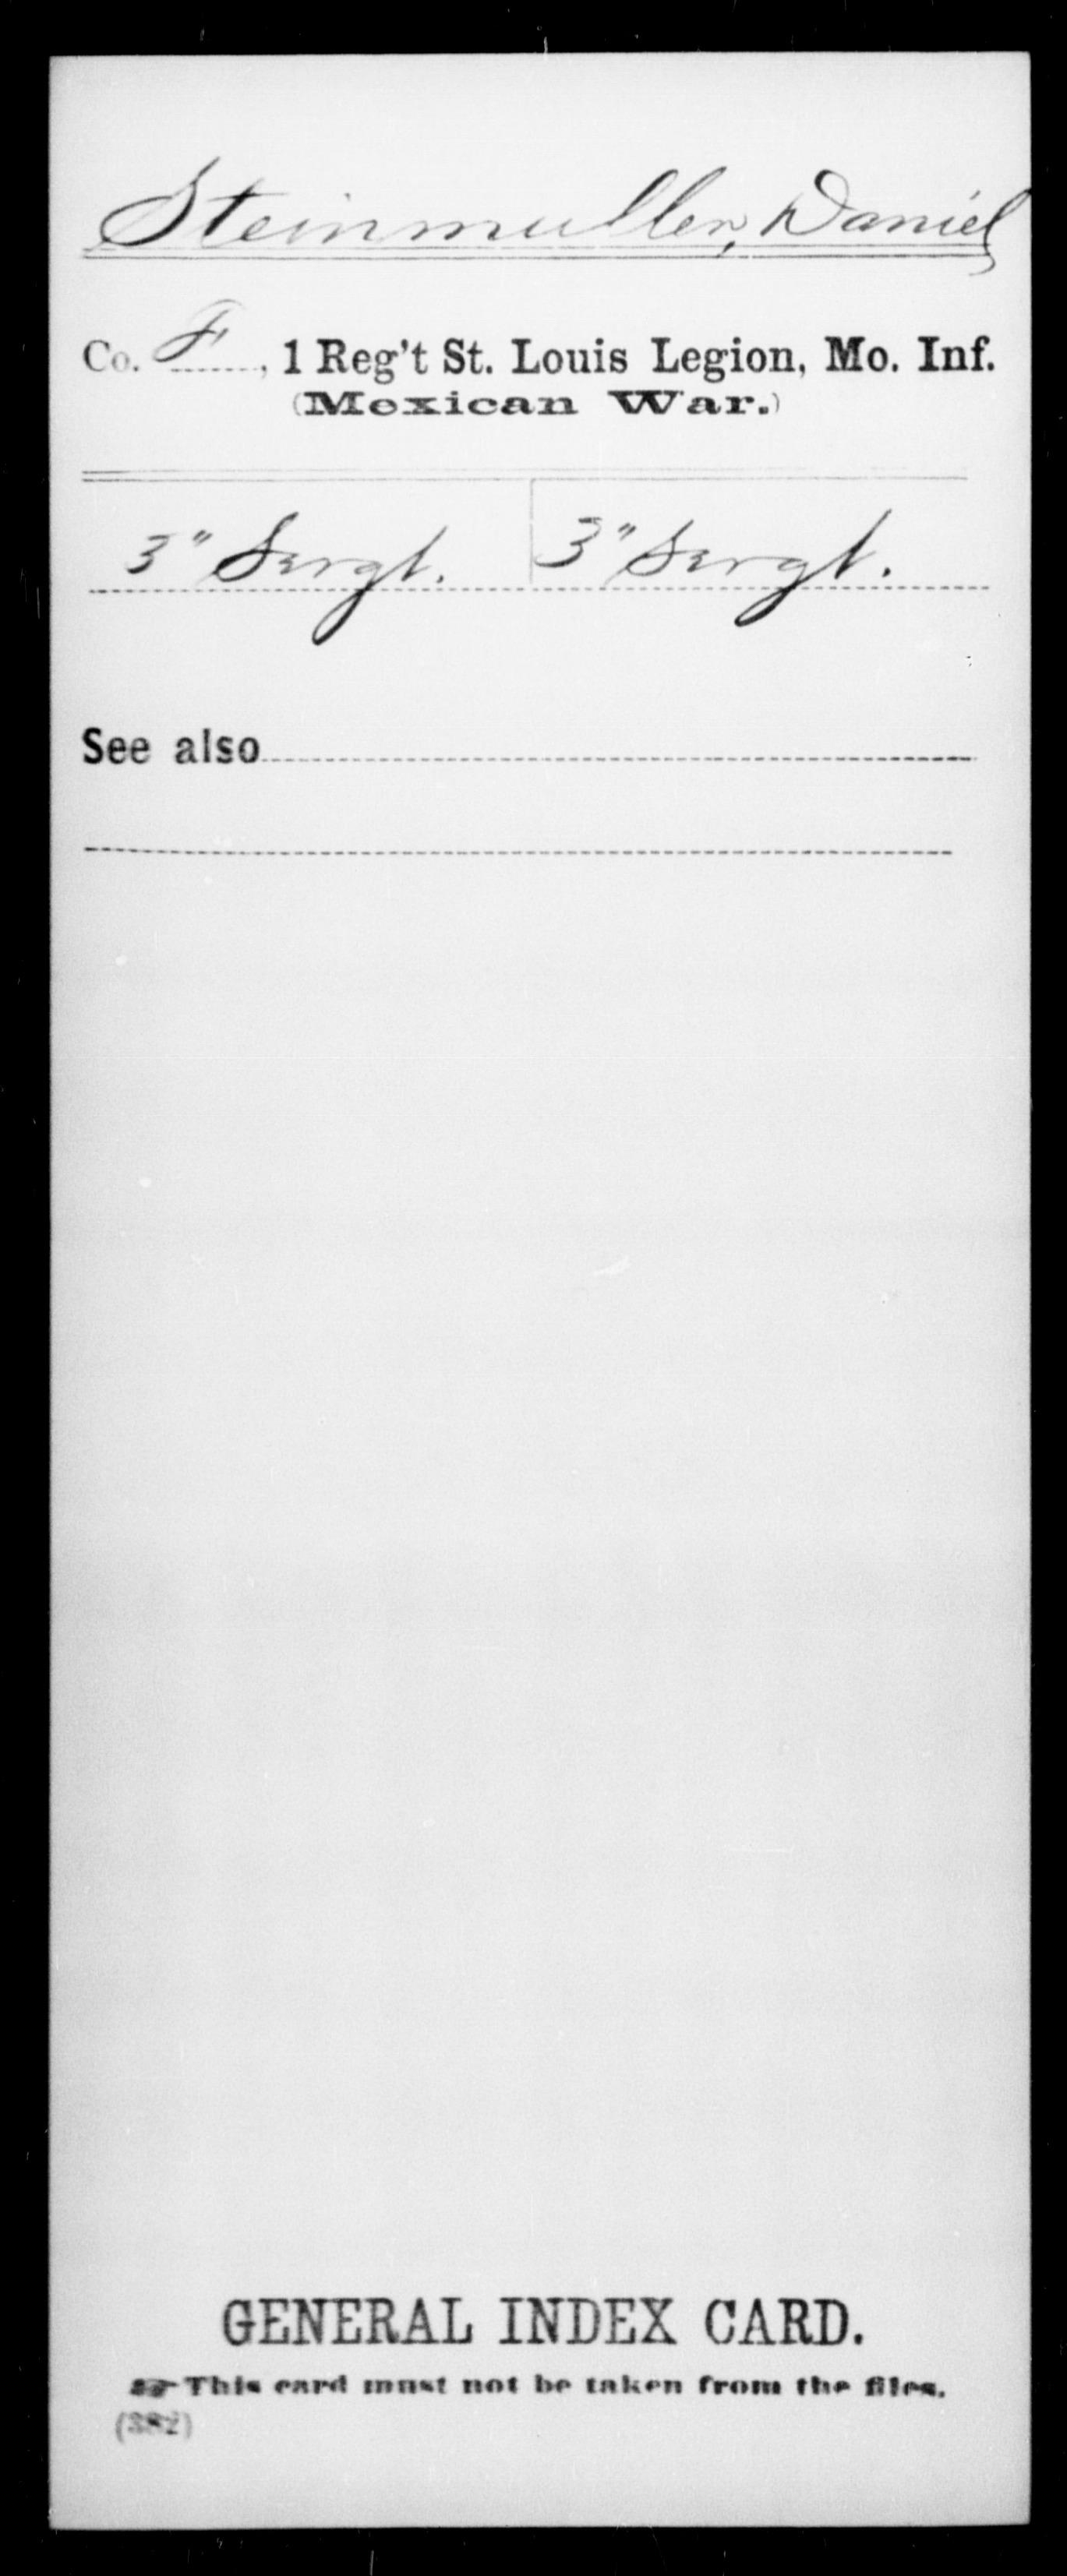 Steinmuller, Danie; - State: Missouri - Regiment: 1 St Louis Legion, Missouri Infantry, Company F - Enlistment Rank: 3 Sergt - Discharge Rank: 3 Sergt